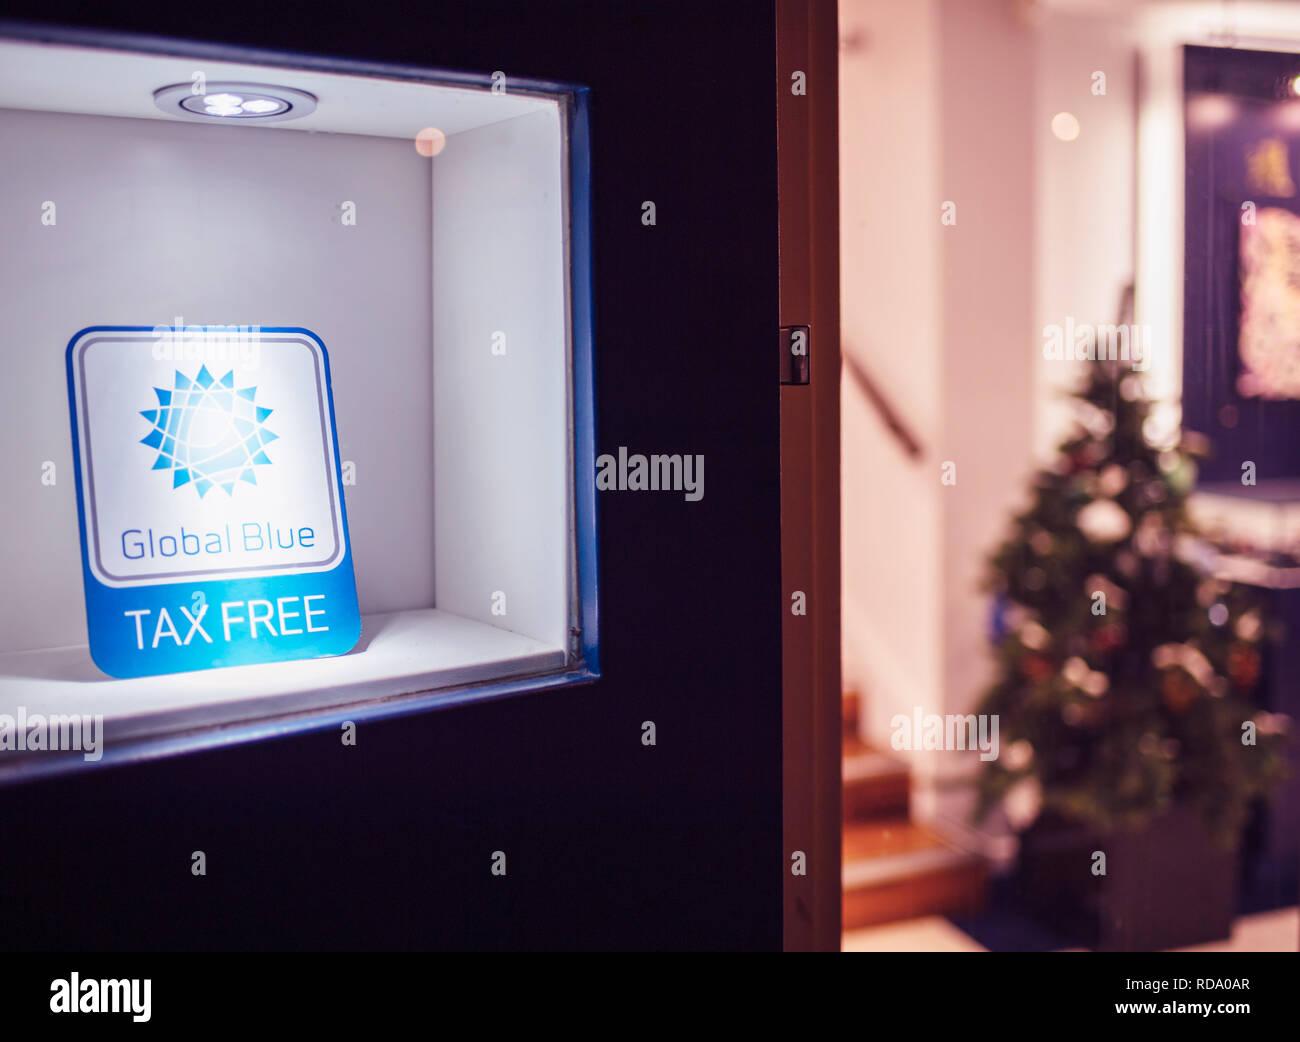 Global Blue Tax Free Immagini   Global Blue Tax Free Fotos Stock - Alamy 274089f055a